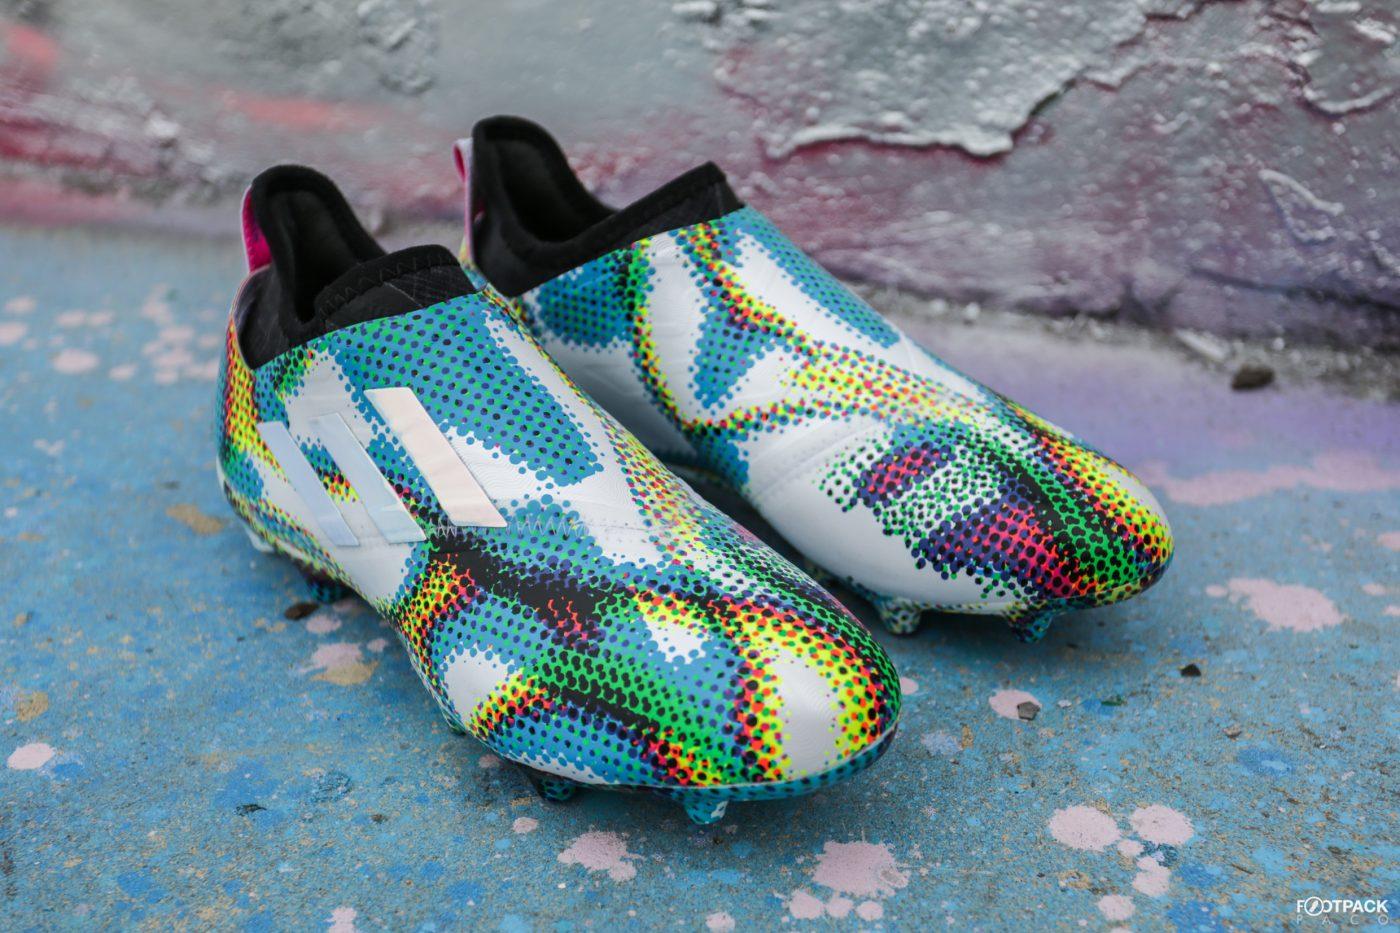 adidas-glitch-skin-virtuso-footpack-13